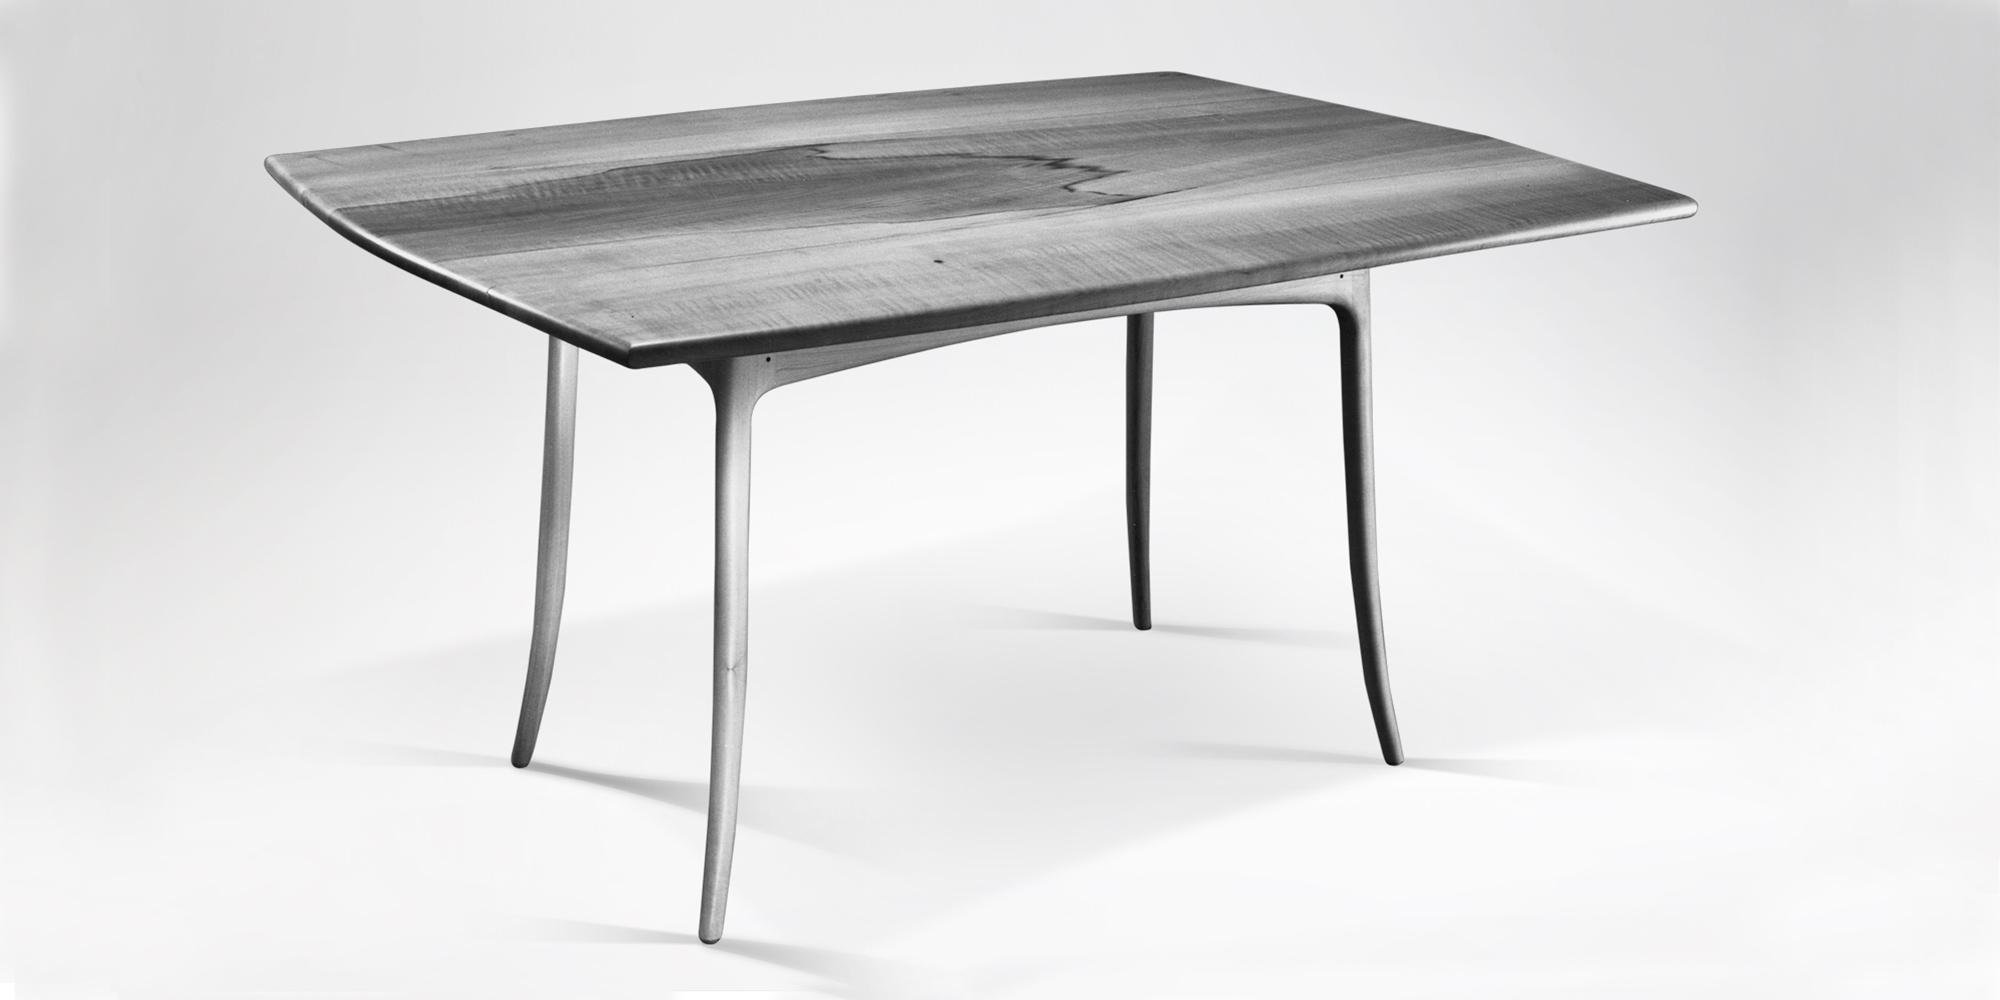 Our custom handmade Alaska Table